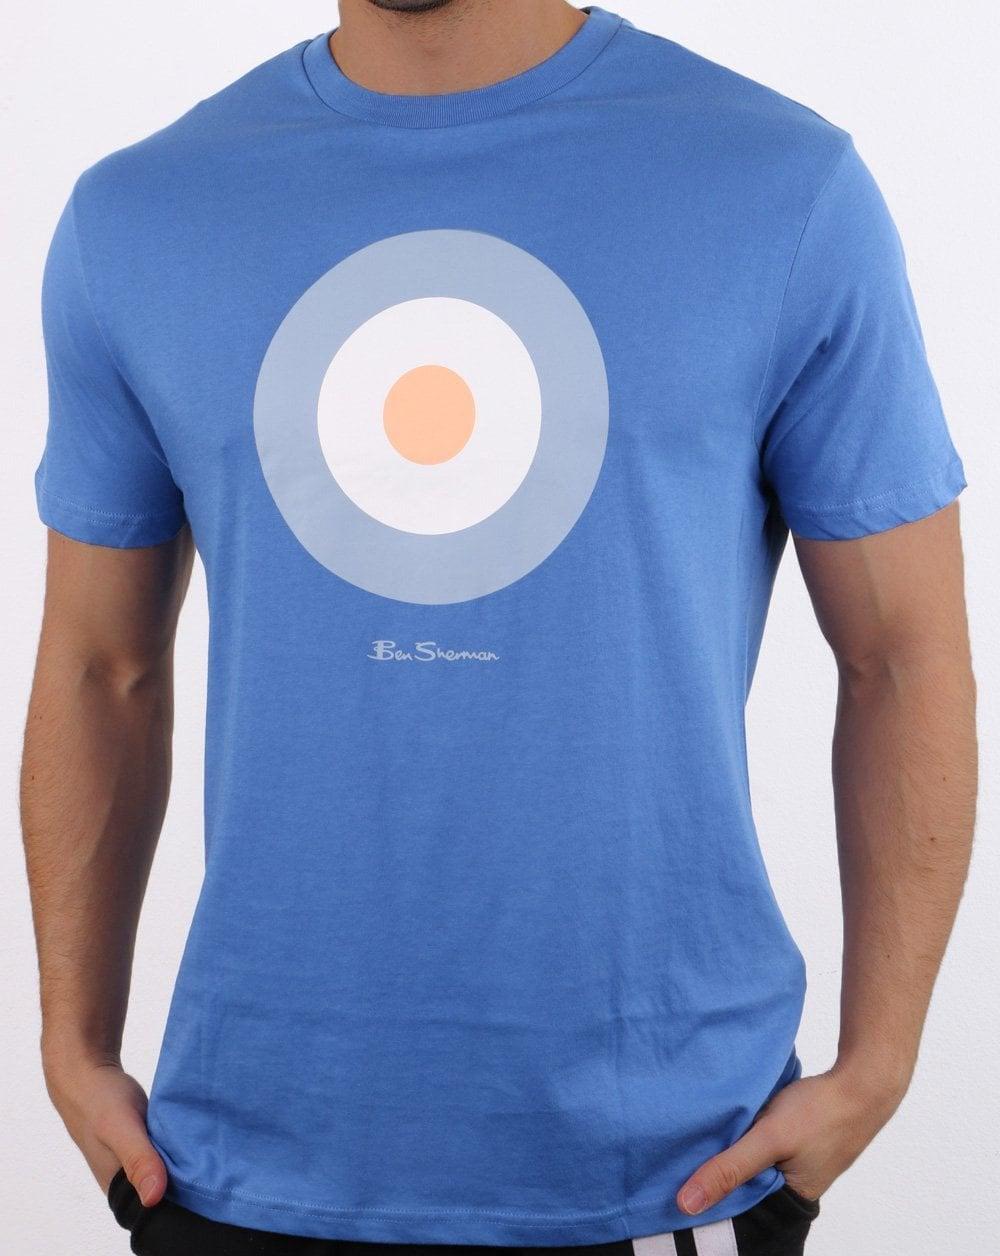 Ben Sherman Target T shirt Blue